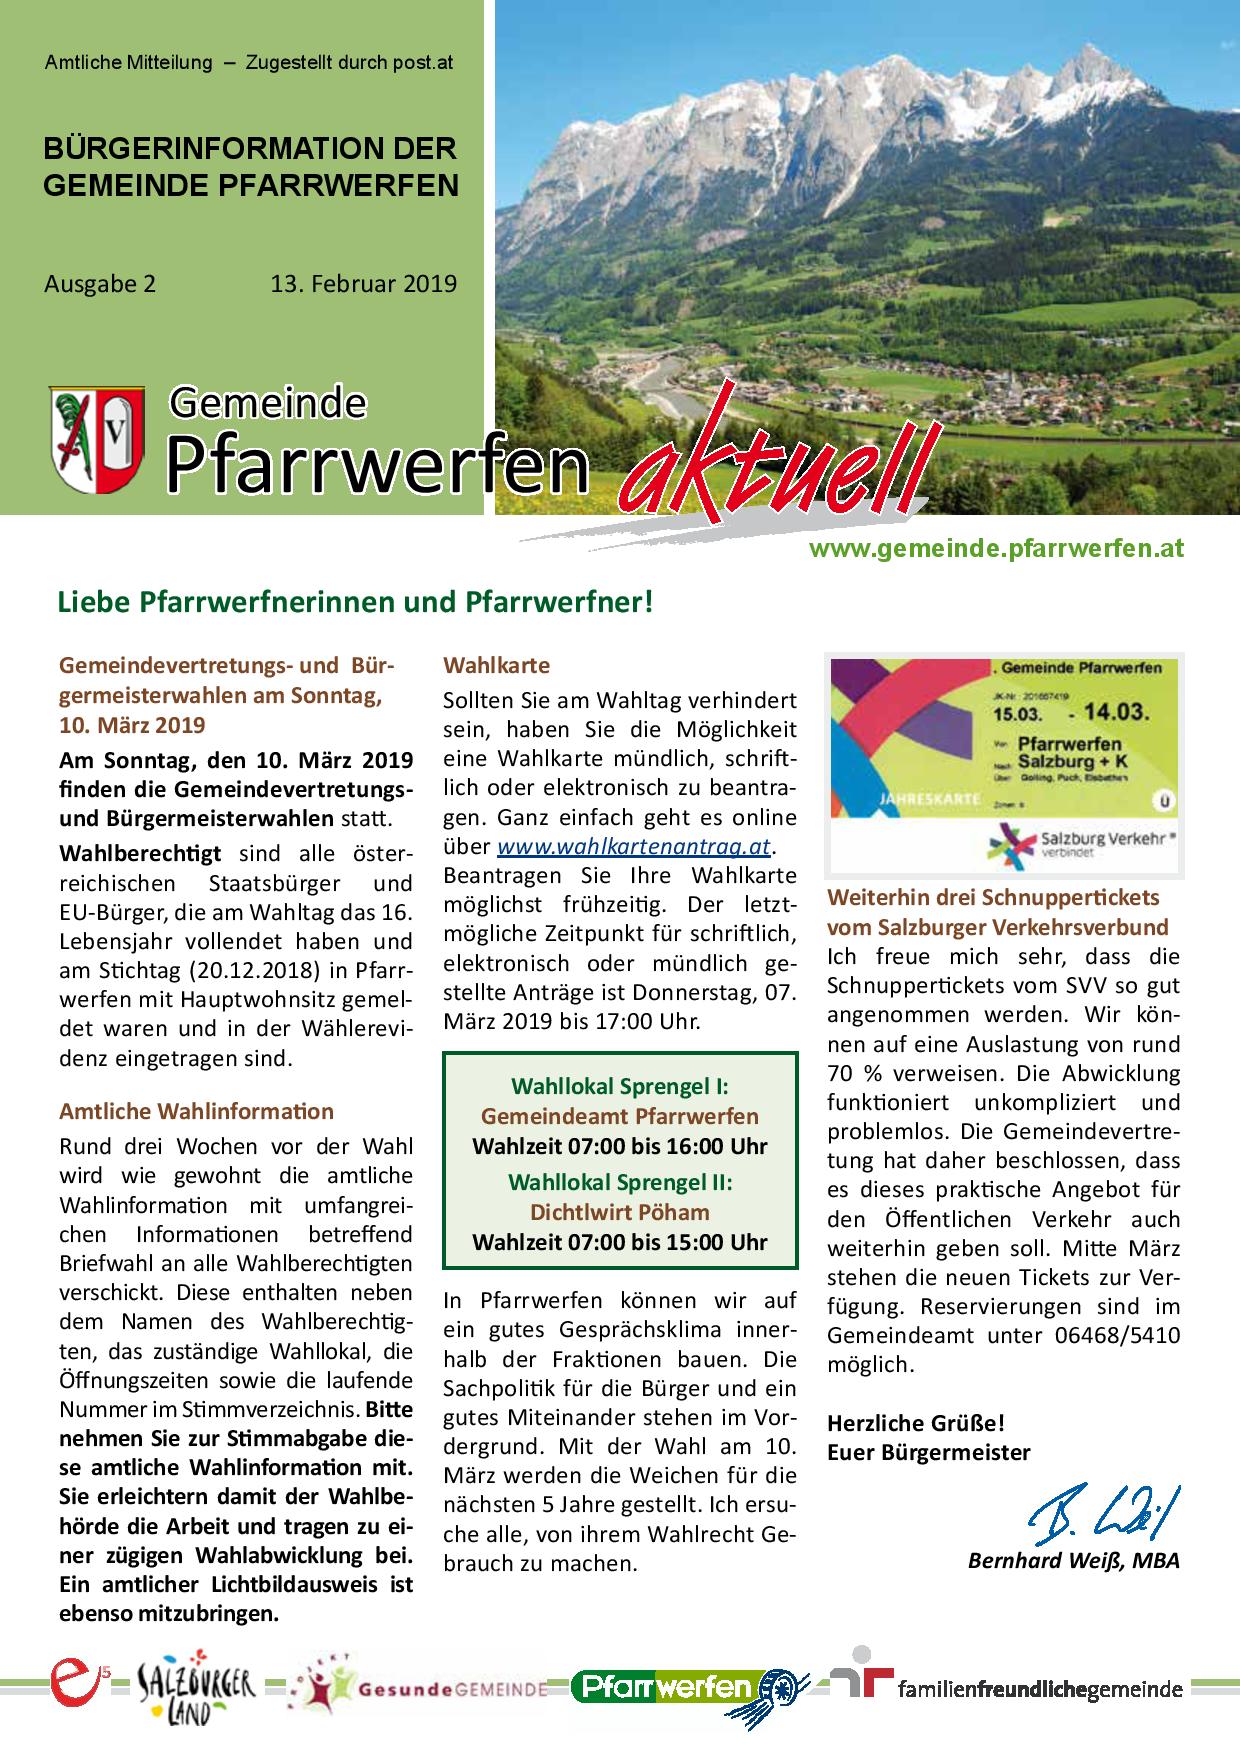 Bürgerinformation Ausgabe 022019 Gemeinde Pfarrwerfen